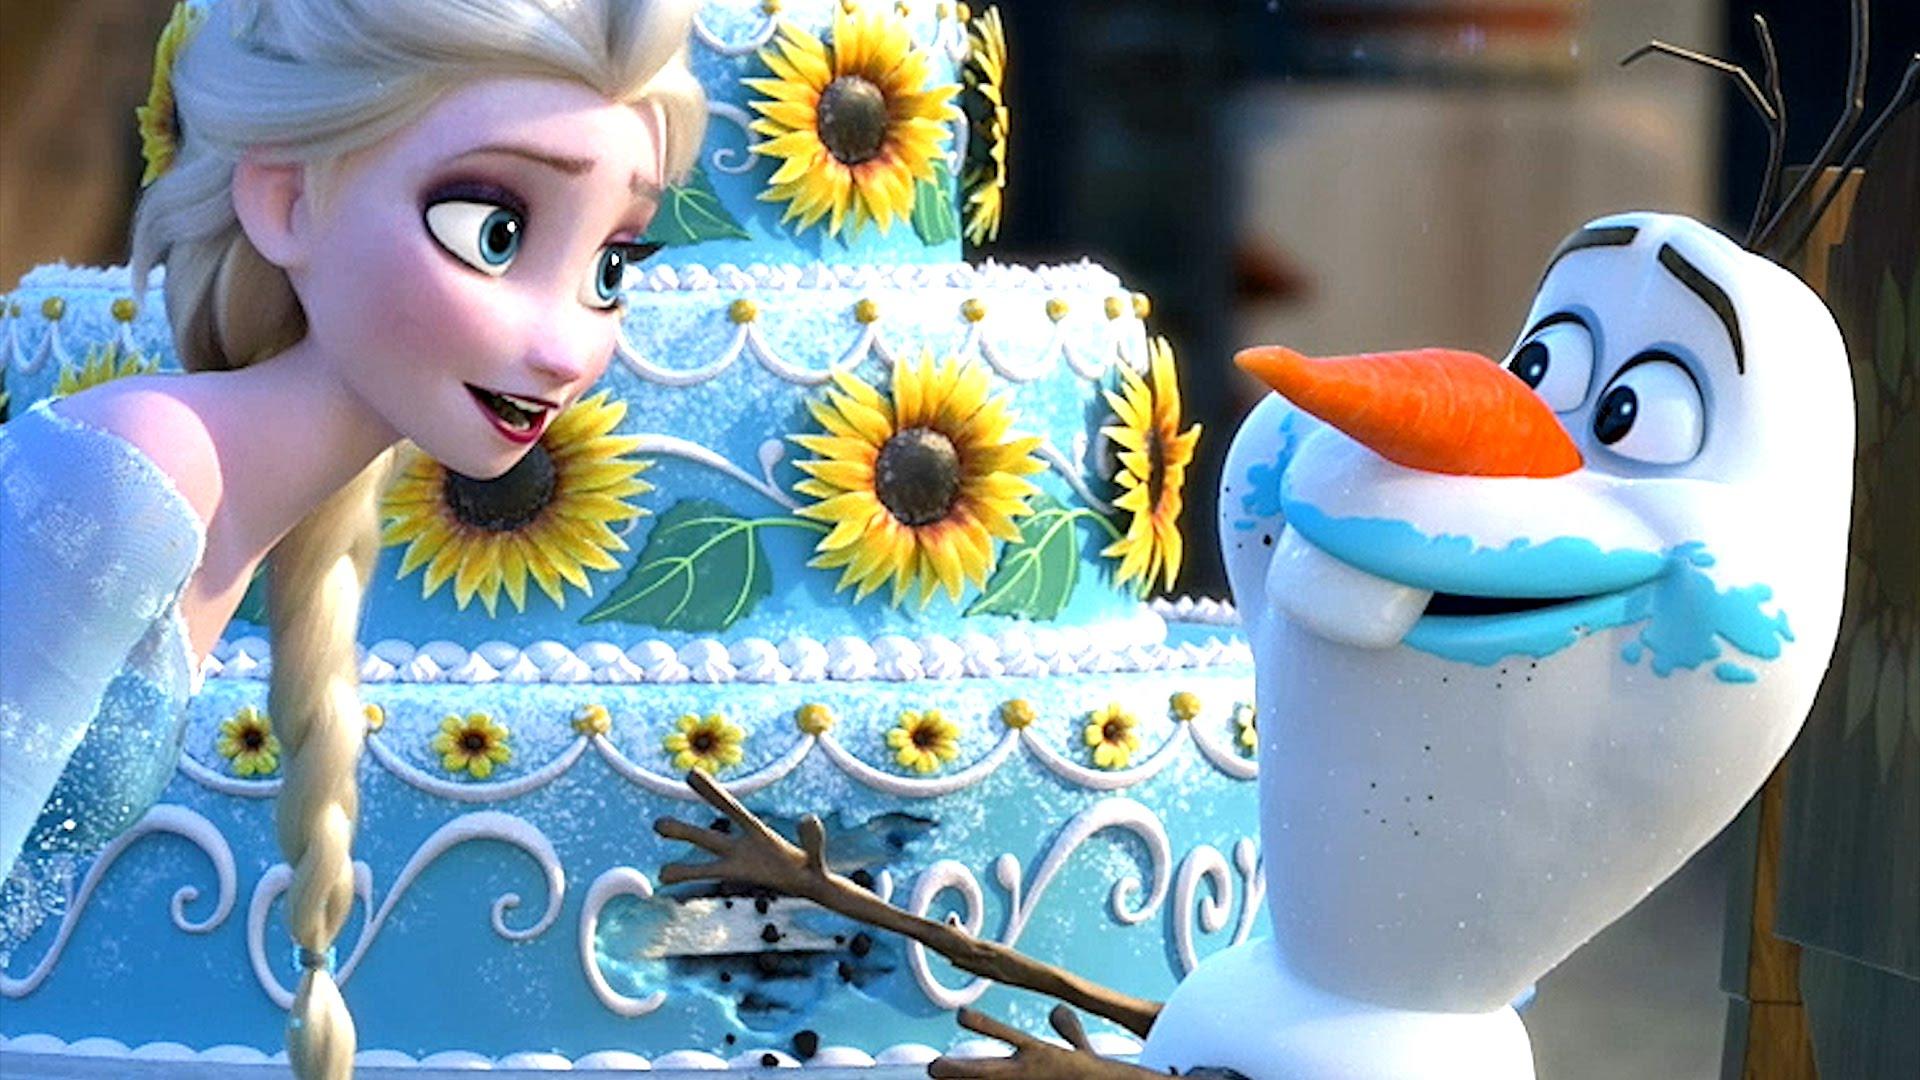 Eiskonigin Torte Frozen Or Not Die 5 Besten Backtutorials Mit